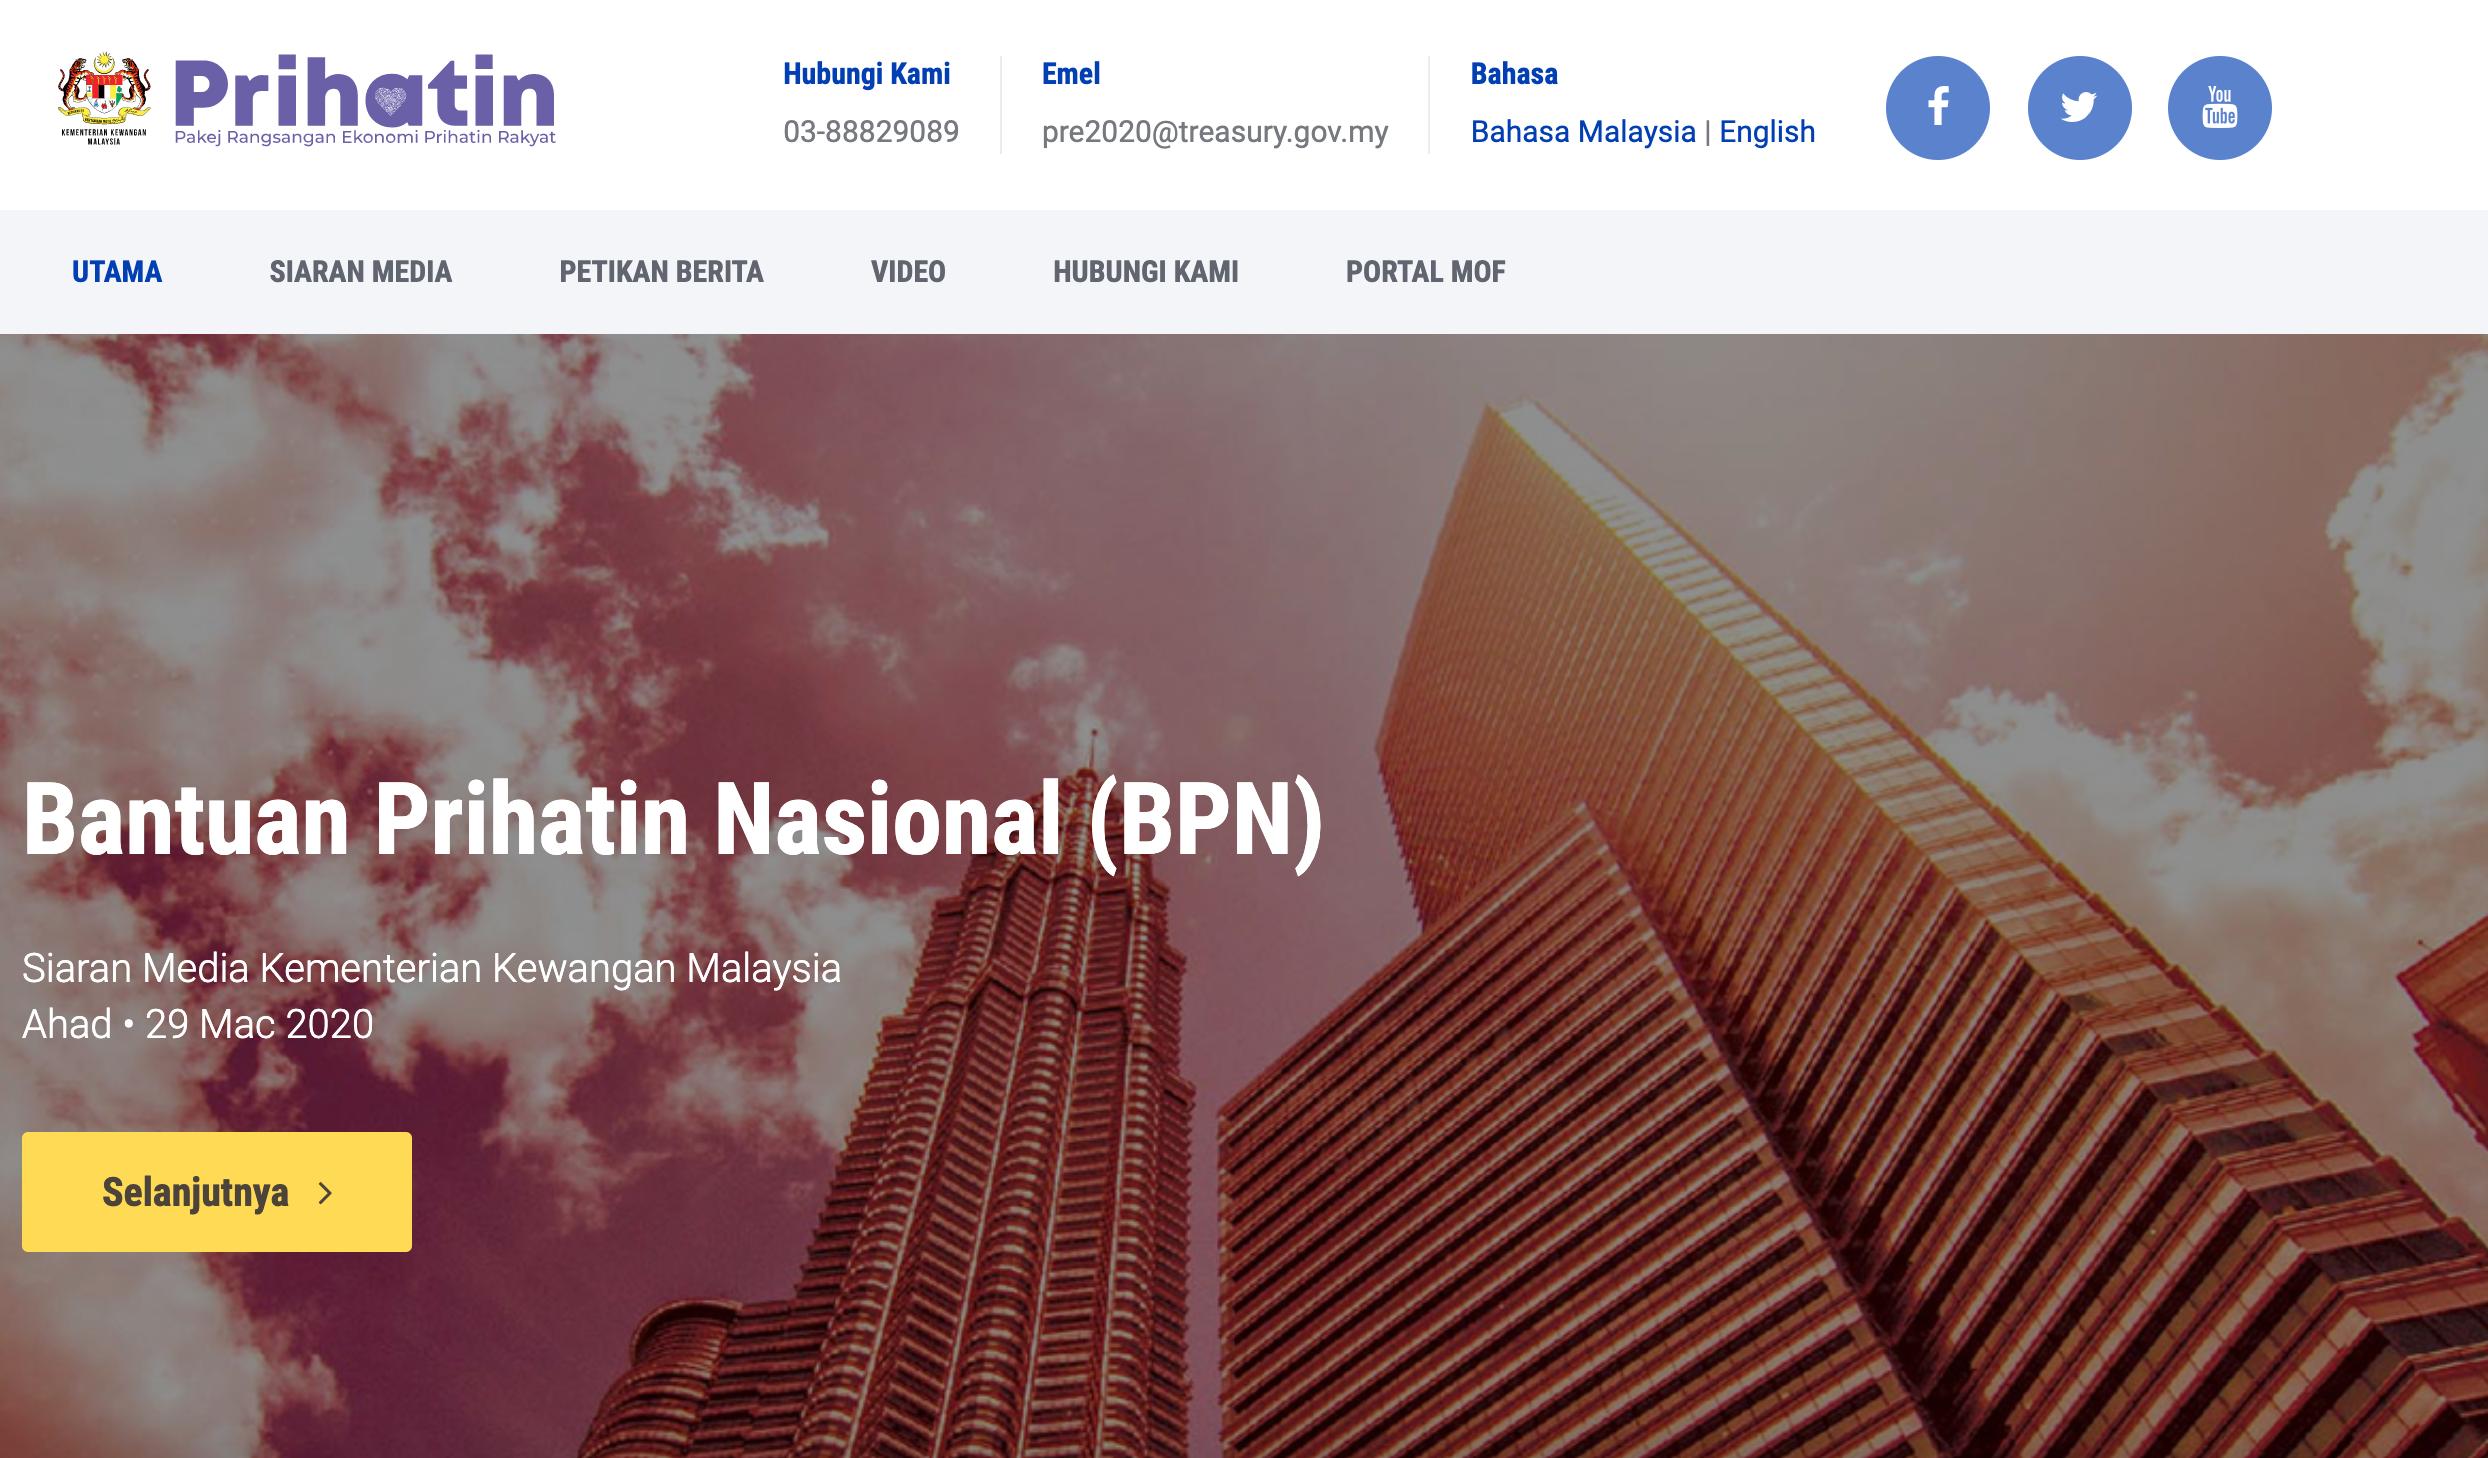 国家关怀援助金(BPN)Prihatin